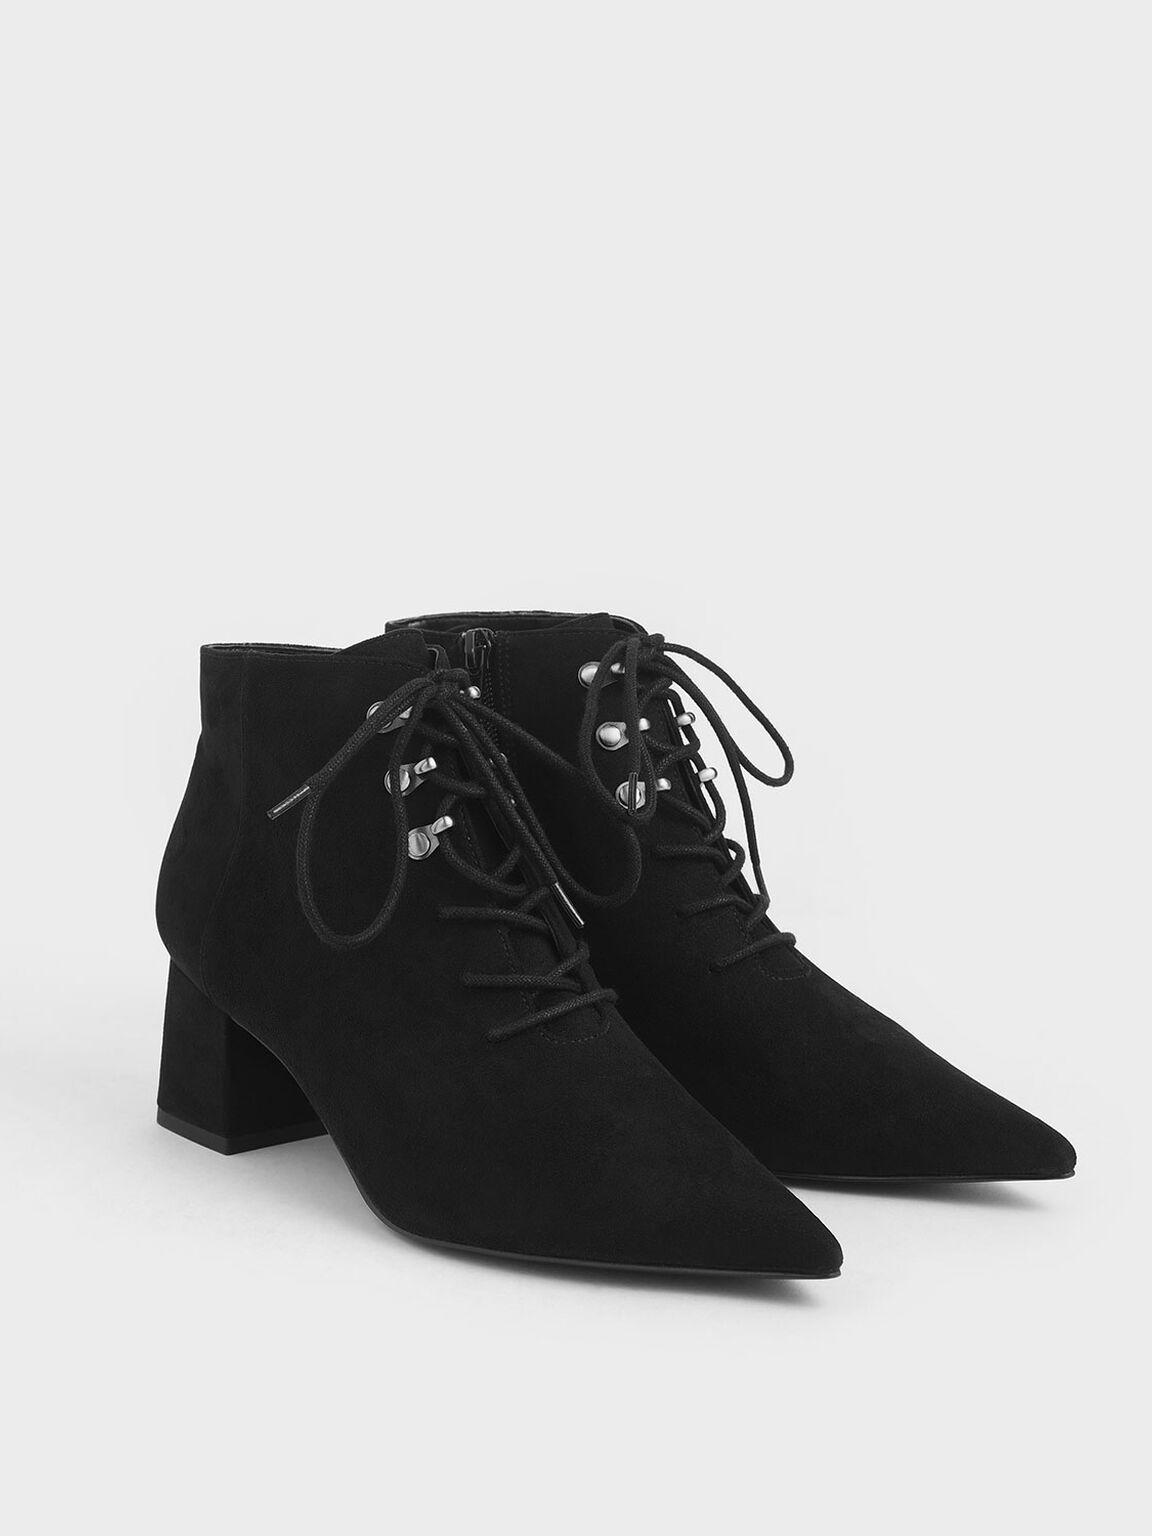 尖頭簡約踝靴, 黑色, hi-res